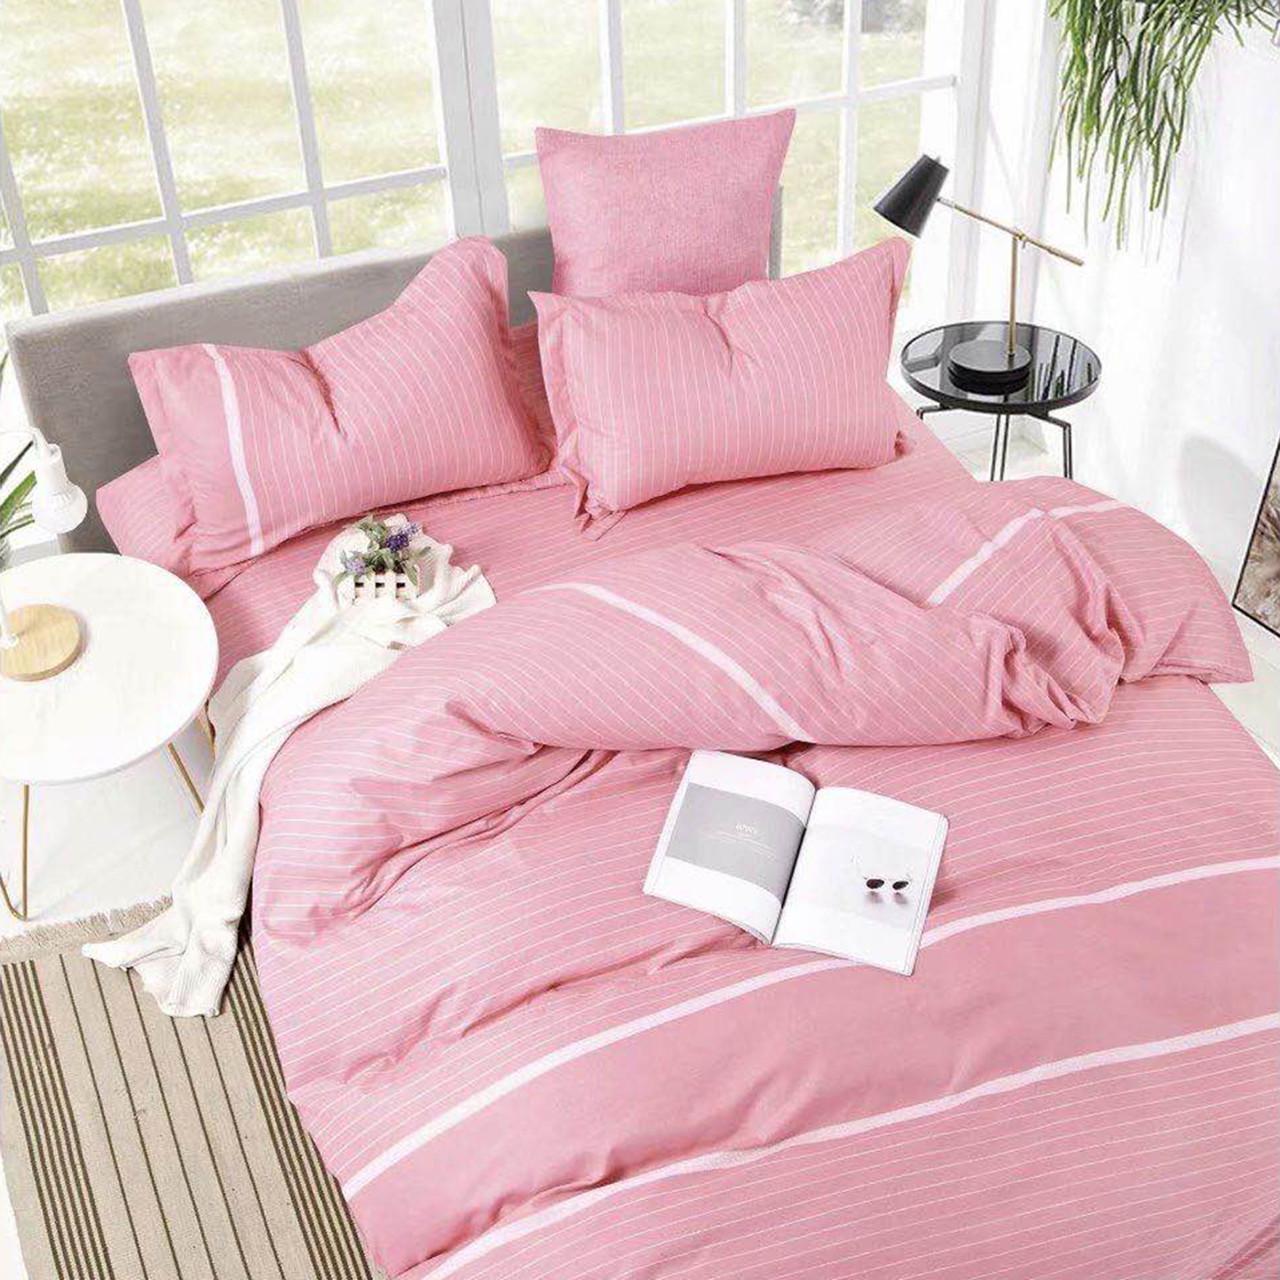 Полосатое розовое постельное белье розовый комплект постельного белья Полоска